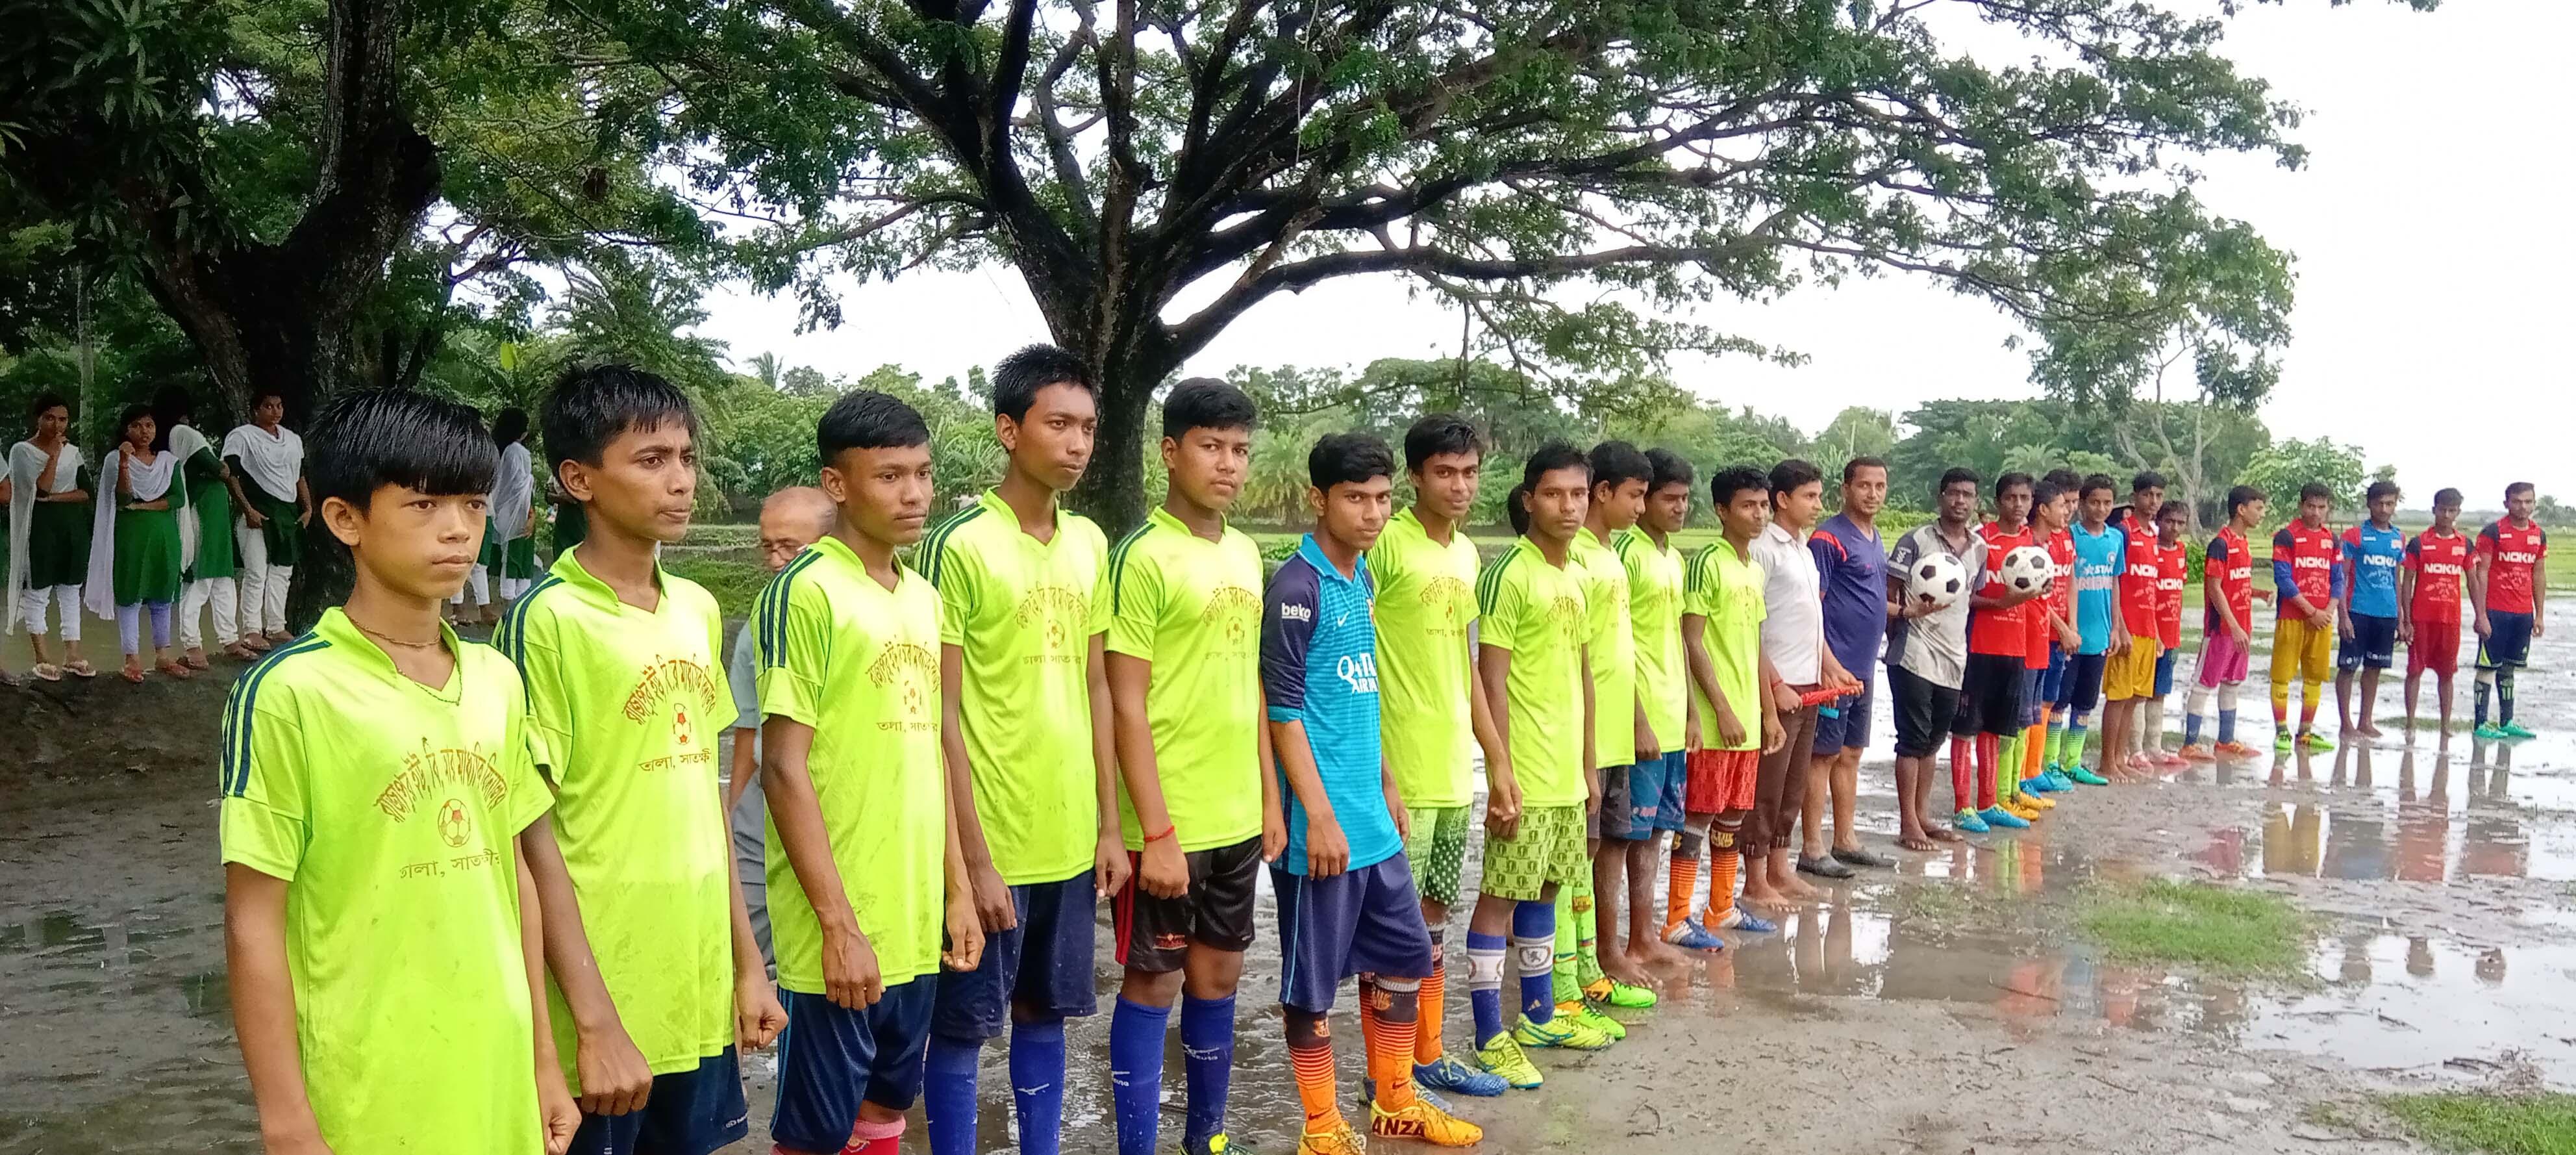 তালার রাজাপুরে প্রীতি ফুটবল ম্যাচ